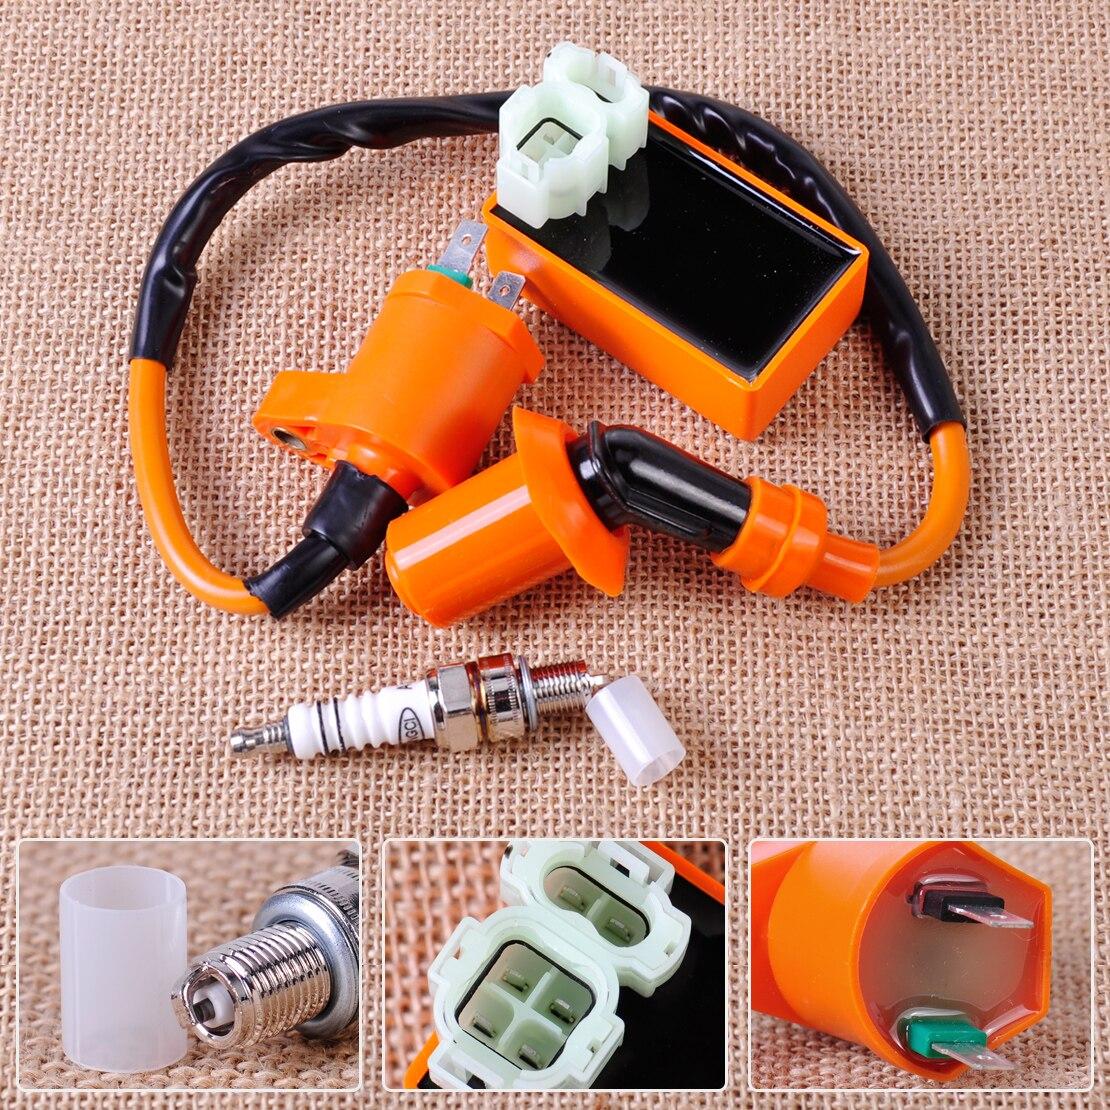 Citall racing bobina de ignição + laranja 6 pinos cdi caixa vela ignição para gy6 50cc 70cc 90cc 125cc 150cc scooter ir kart ciclomotor qmi157